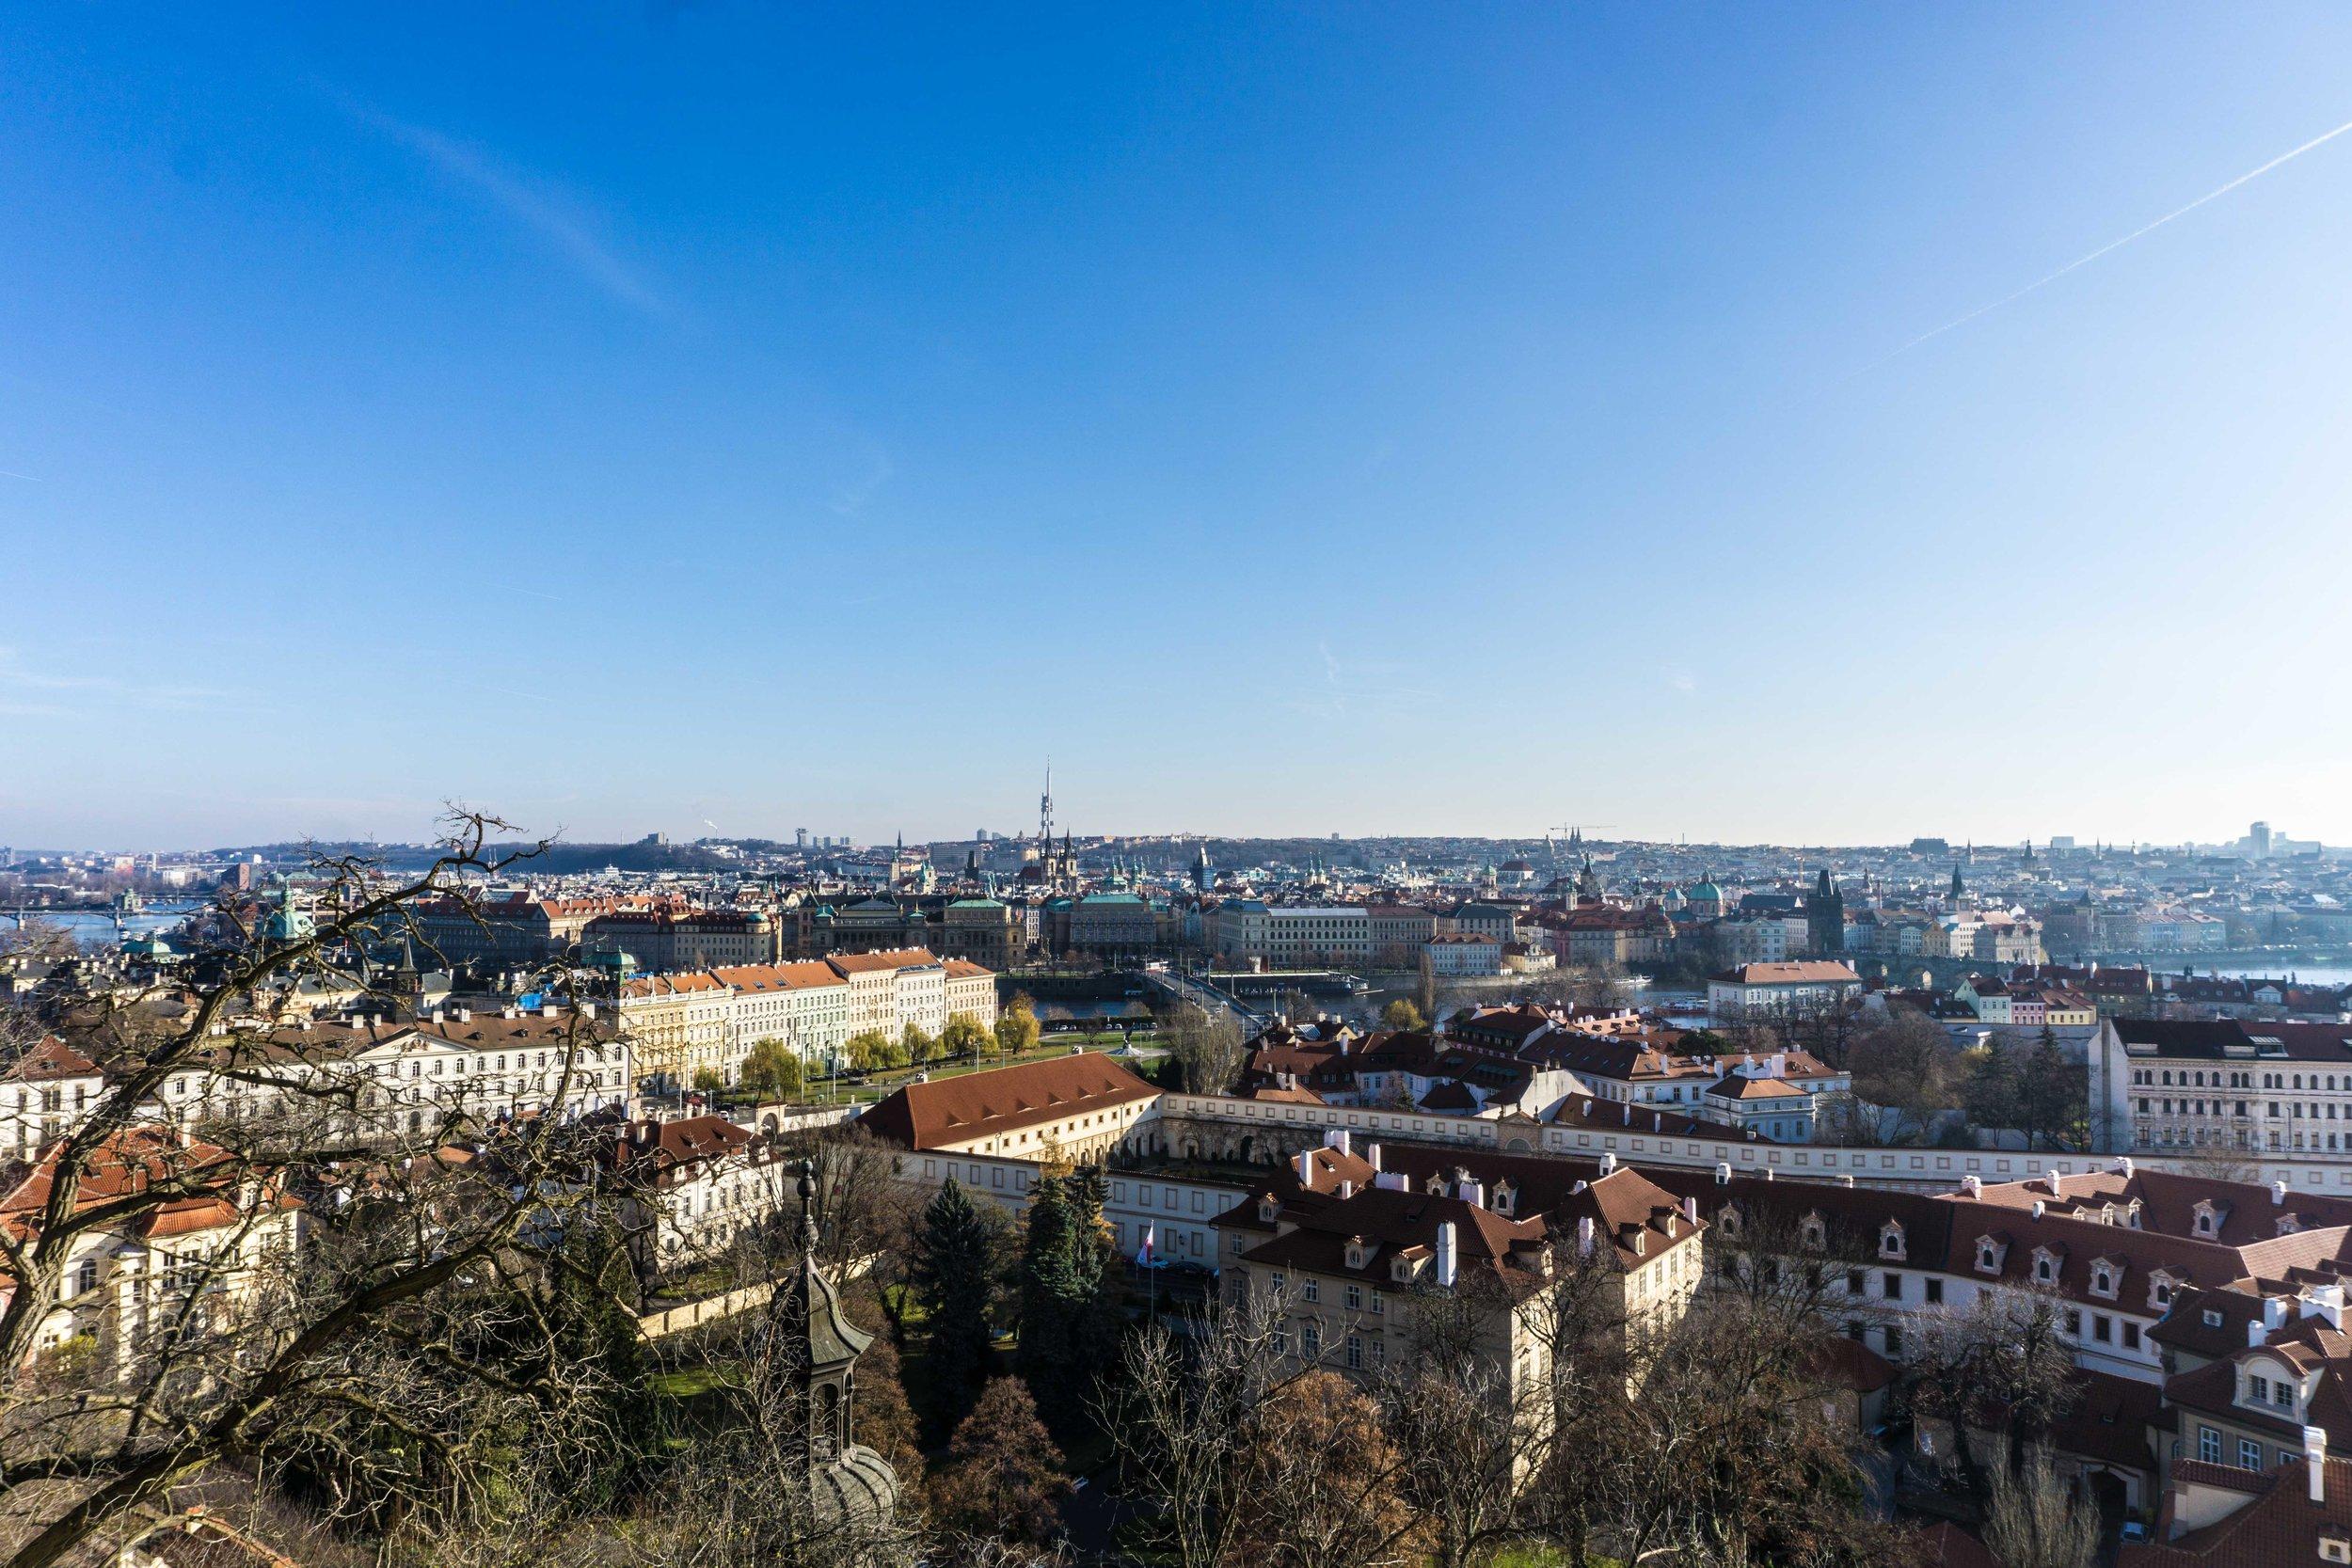 Prague-05244.jpg